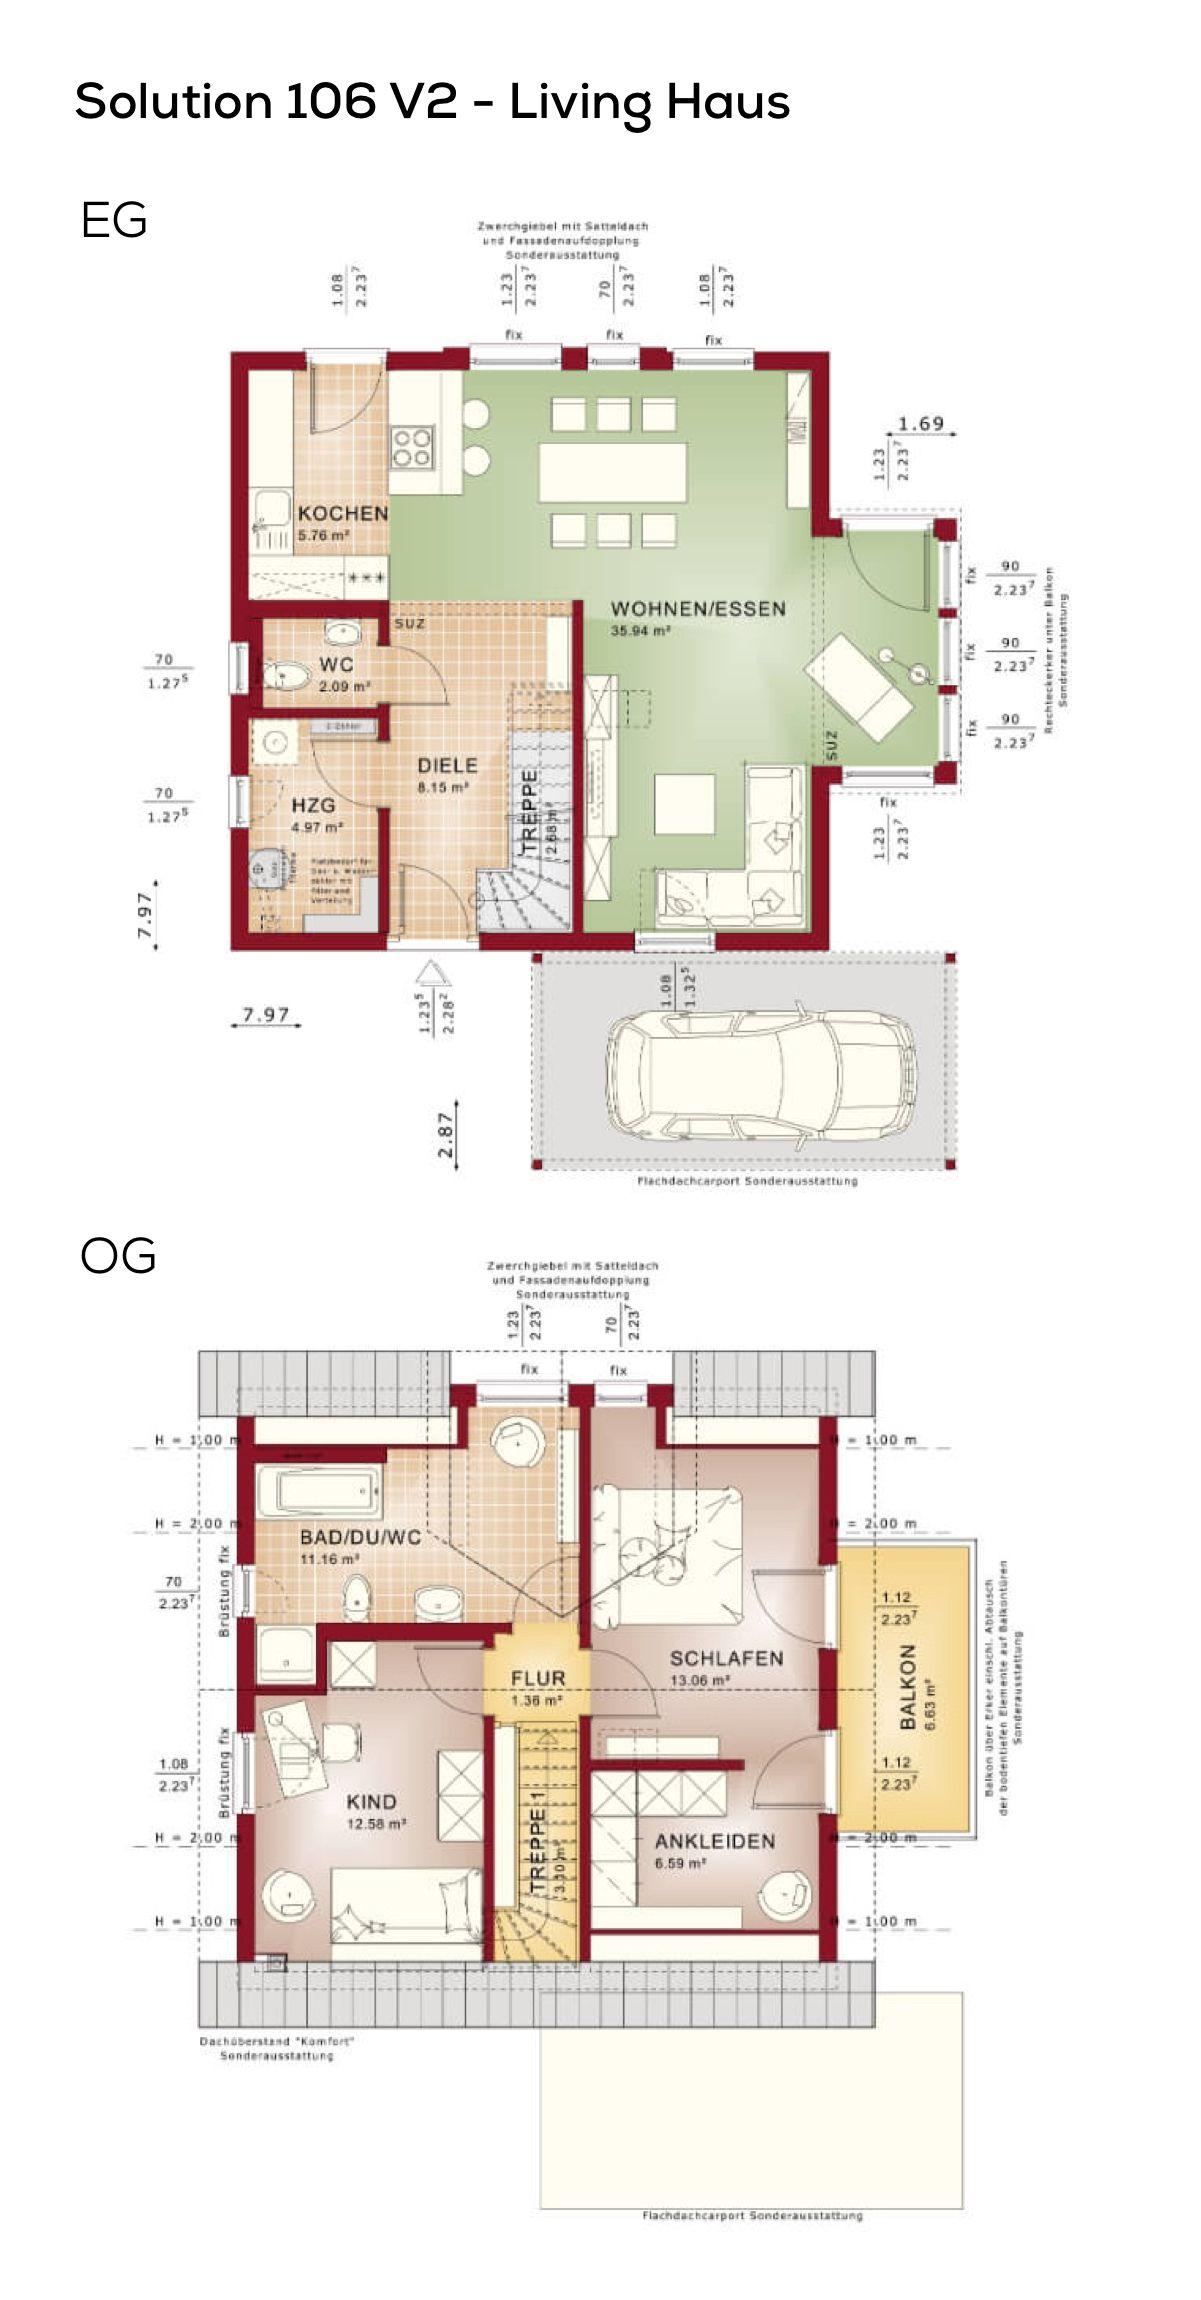 grundriss einfamilienhaus mit carport und satteldach architektur 3 zimmer 100 qm wohnfl che. Black Bedroom Furniture Sets. Home Design Ideas